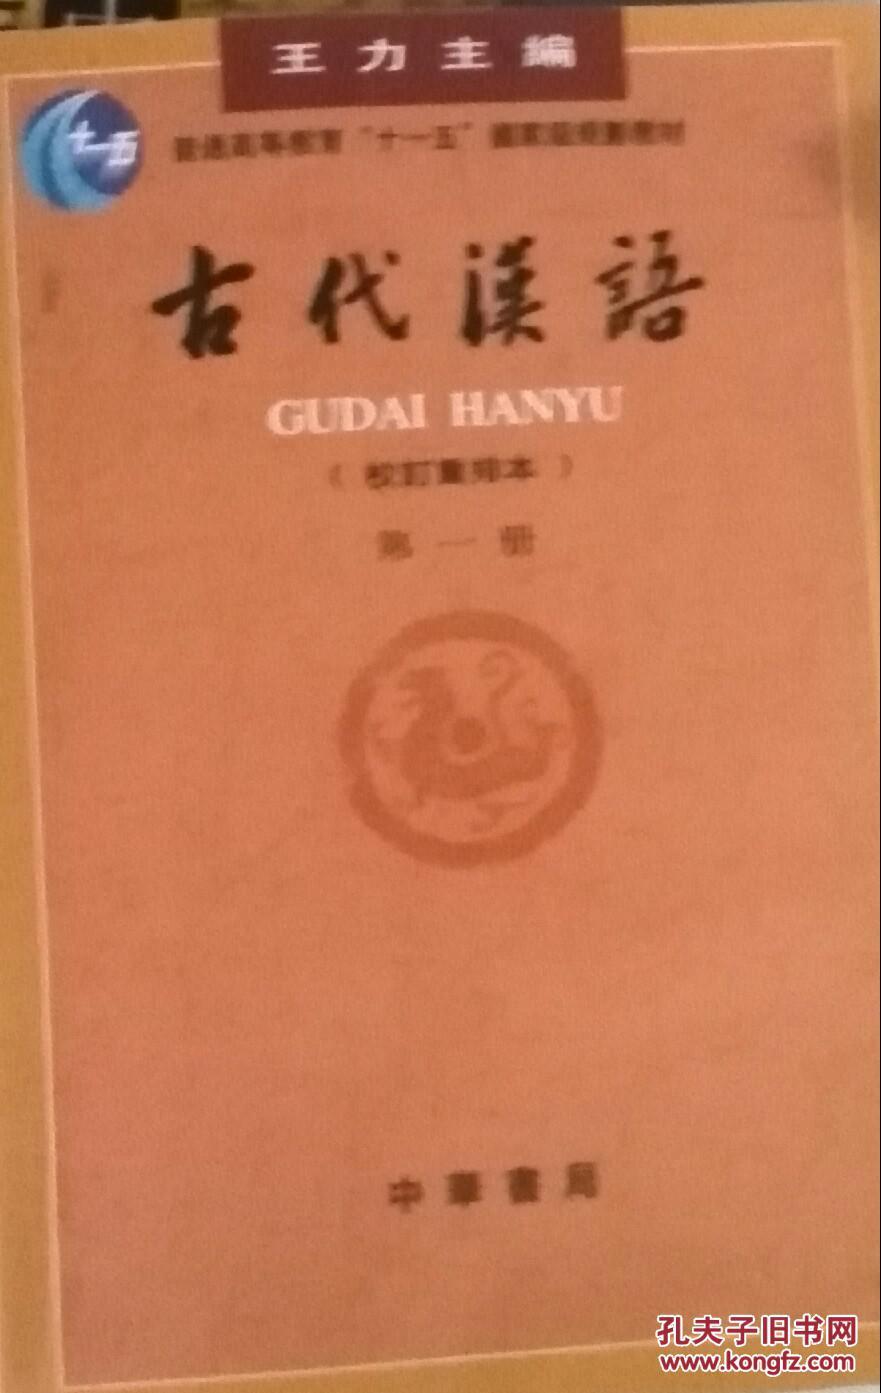 【图】古代汉语第一册图片